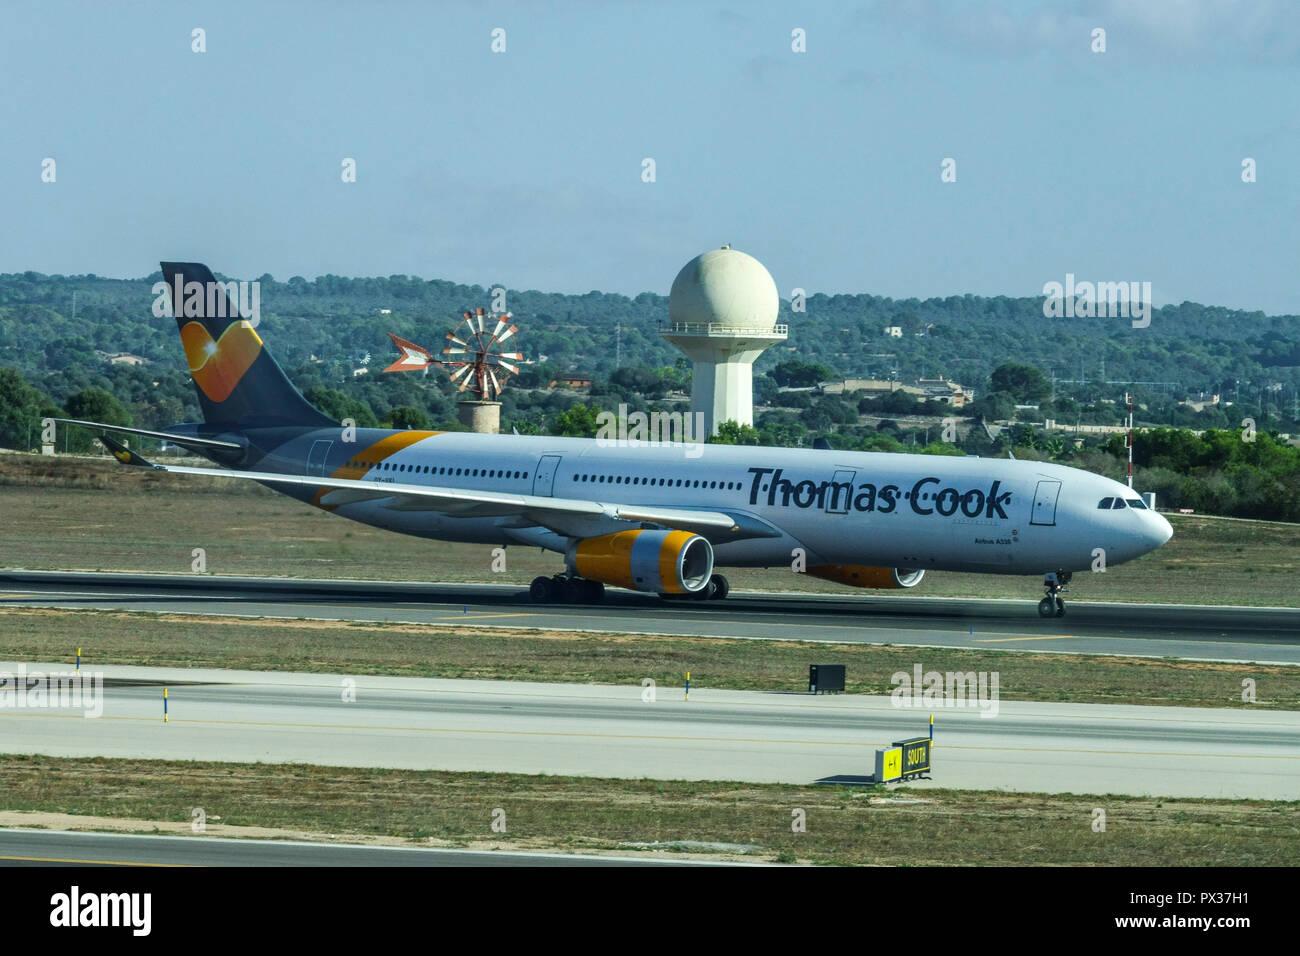 Thomas Cook plane runs on the runway, Palma De Mallorca, Spain - Stock Image